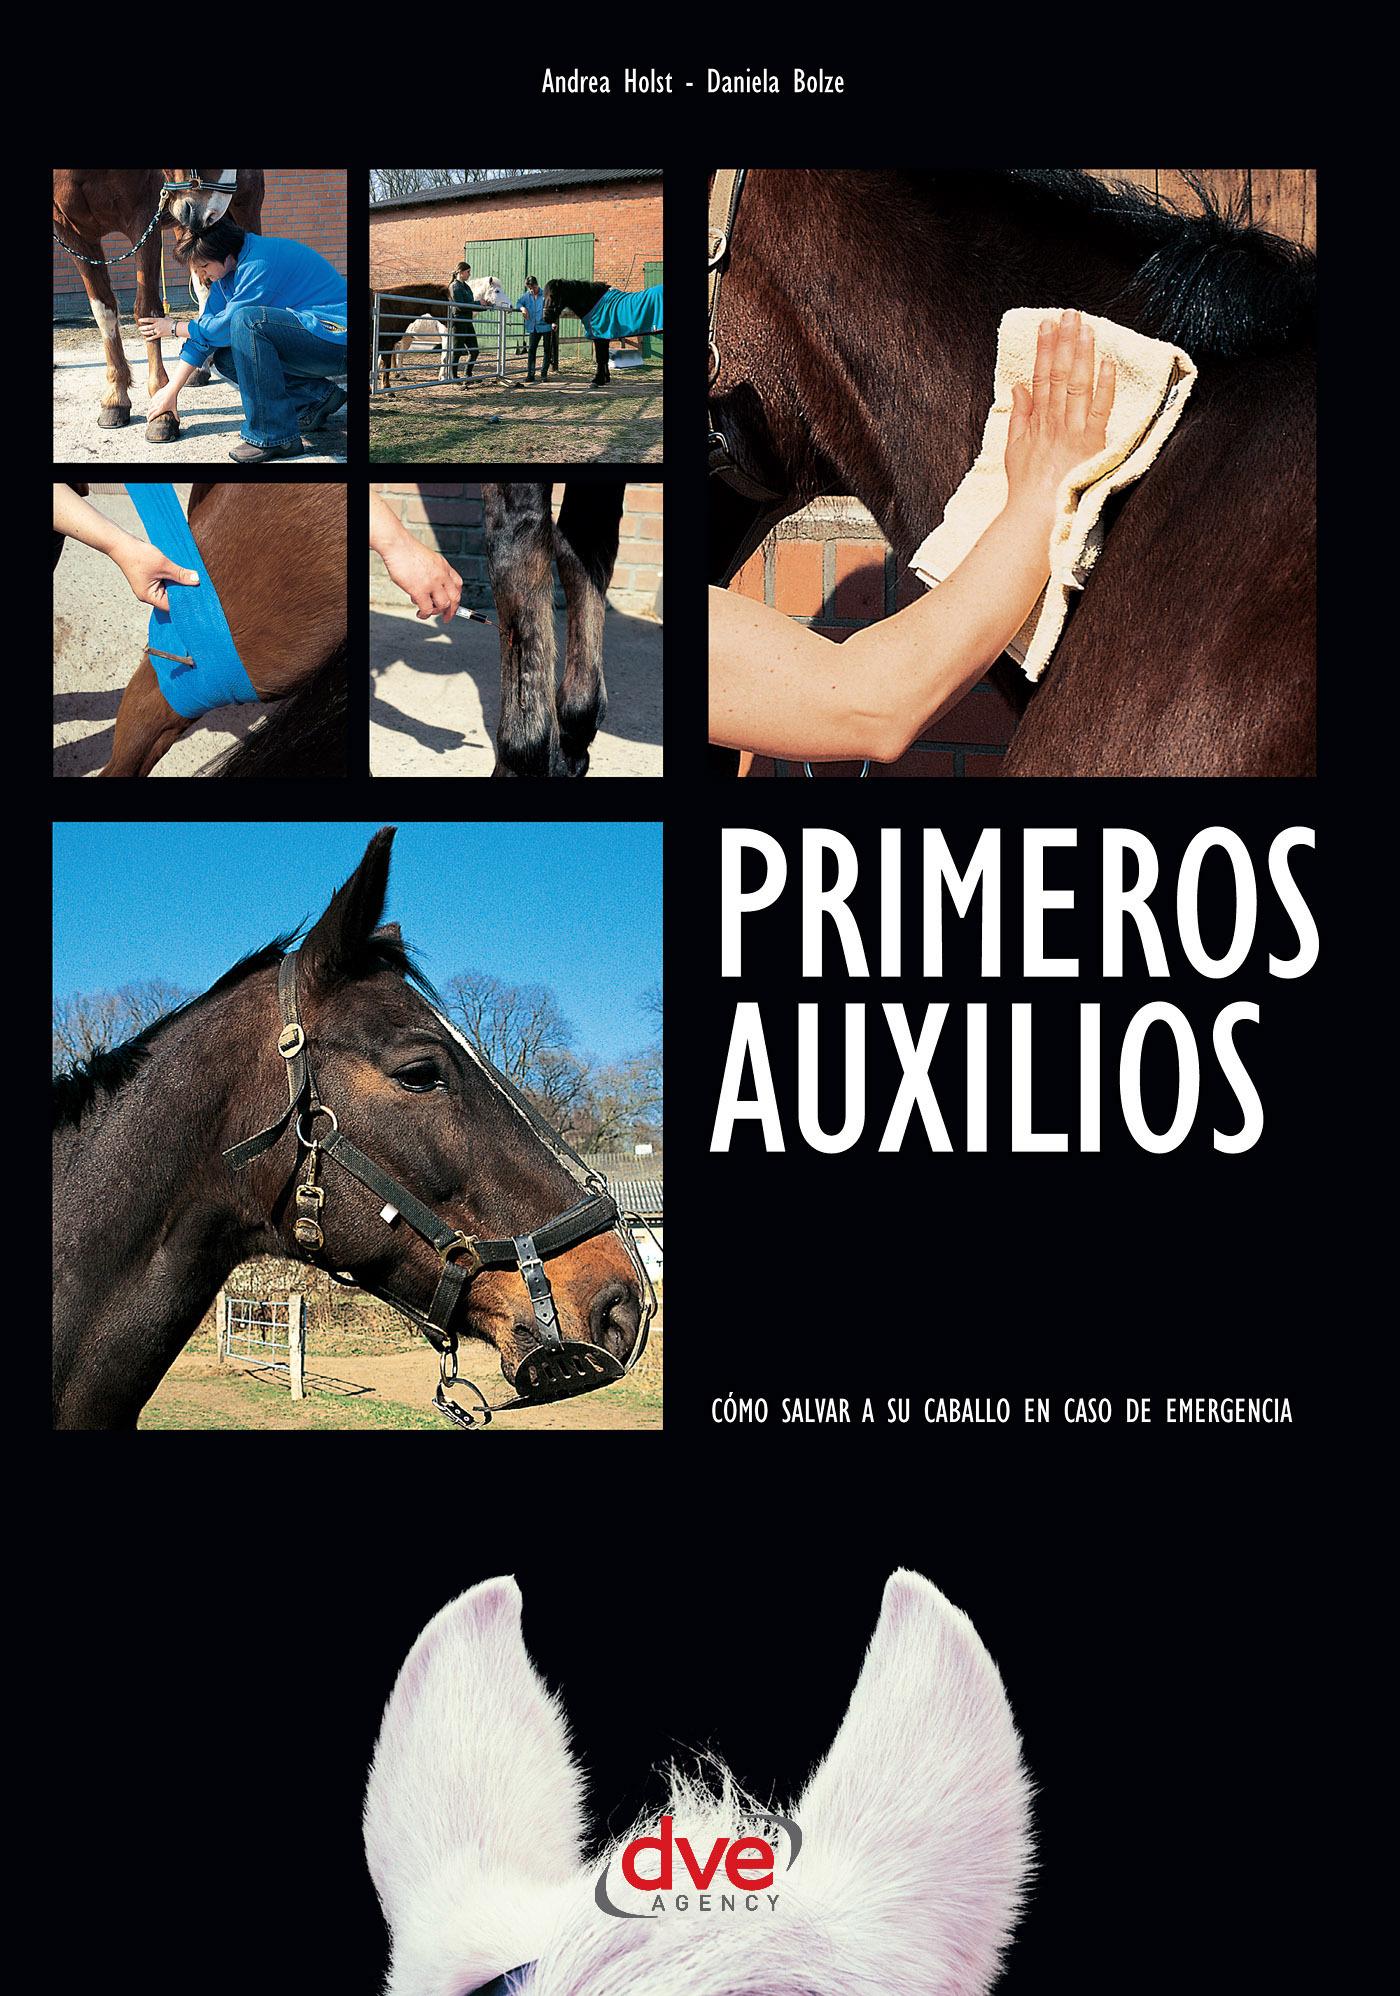 Bolze, Daniela - Primeros auxilios. Cómo salvar a su caballo en caso de emergencia, ebook